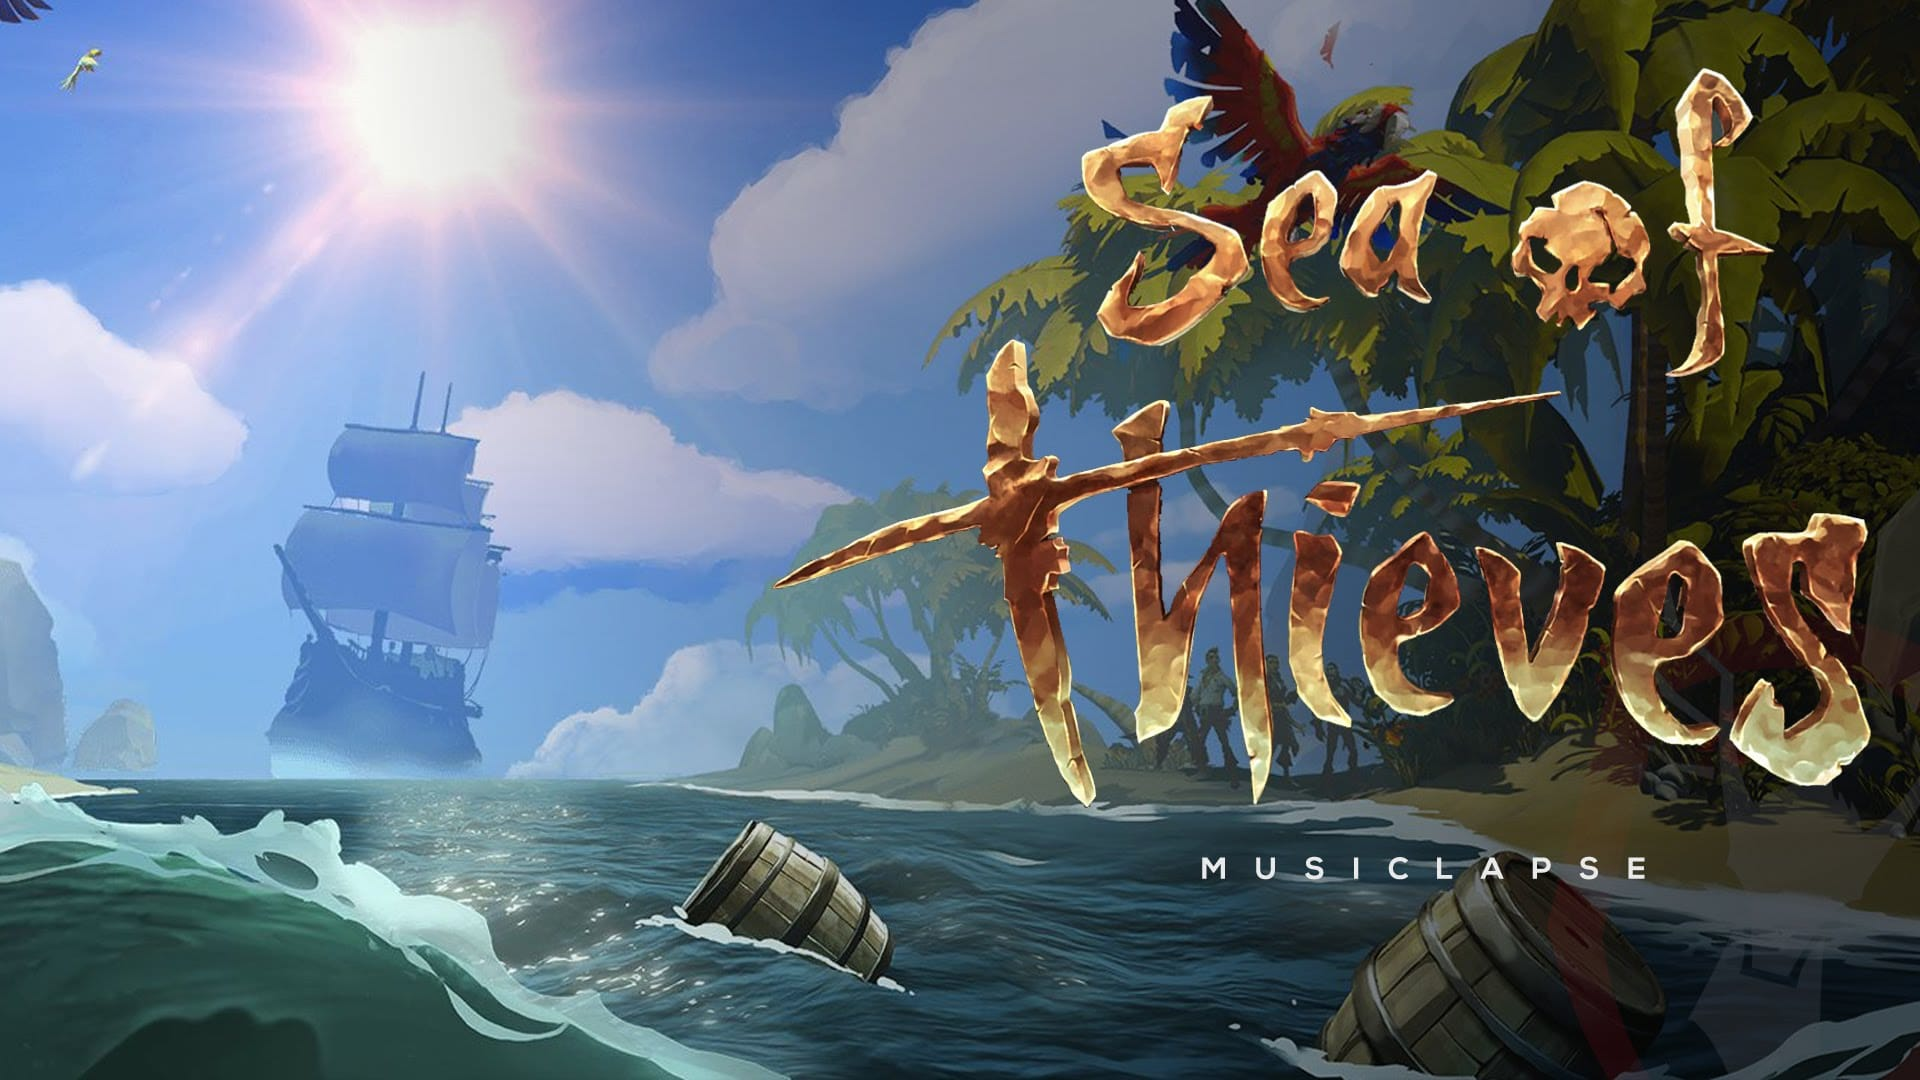 La cuarta temporada de Sea of Thieves trae santuarios de sirenas, tesoros, cosméticos y más, GamersRD